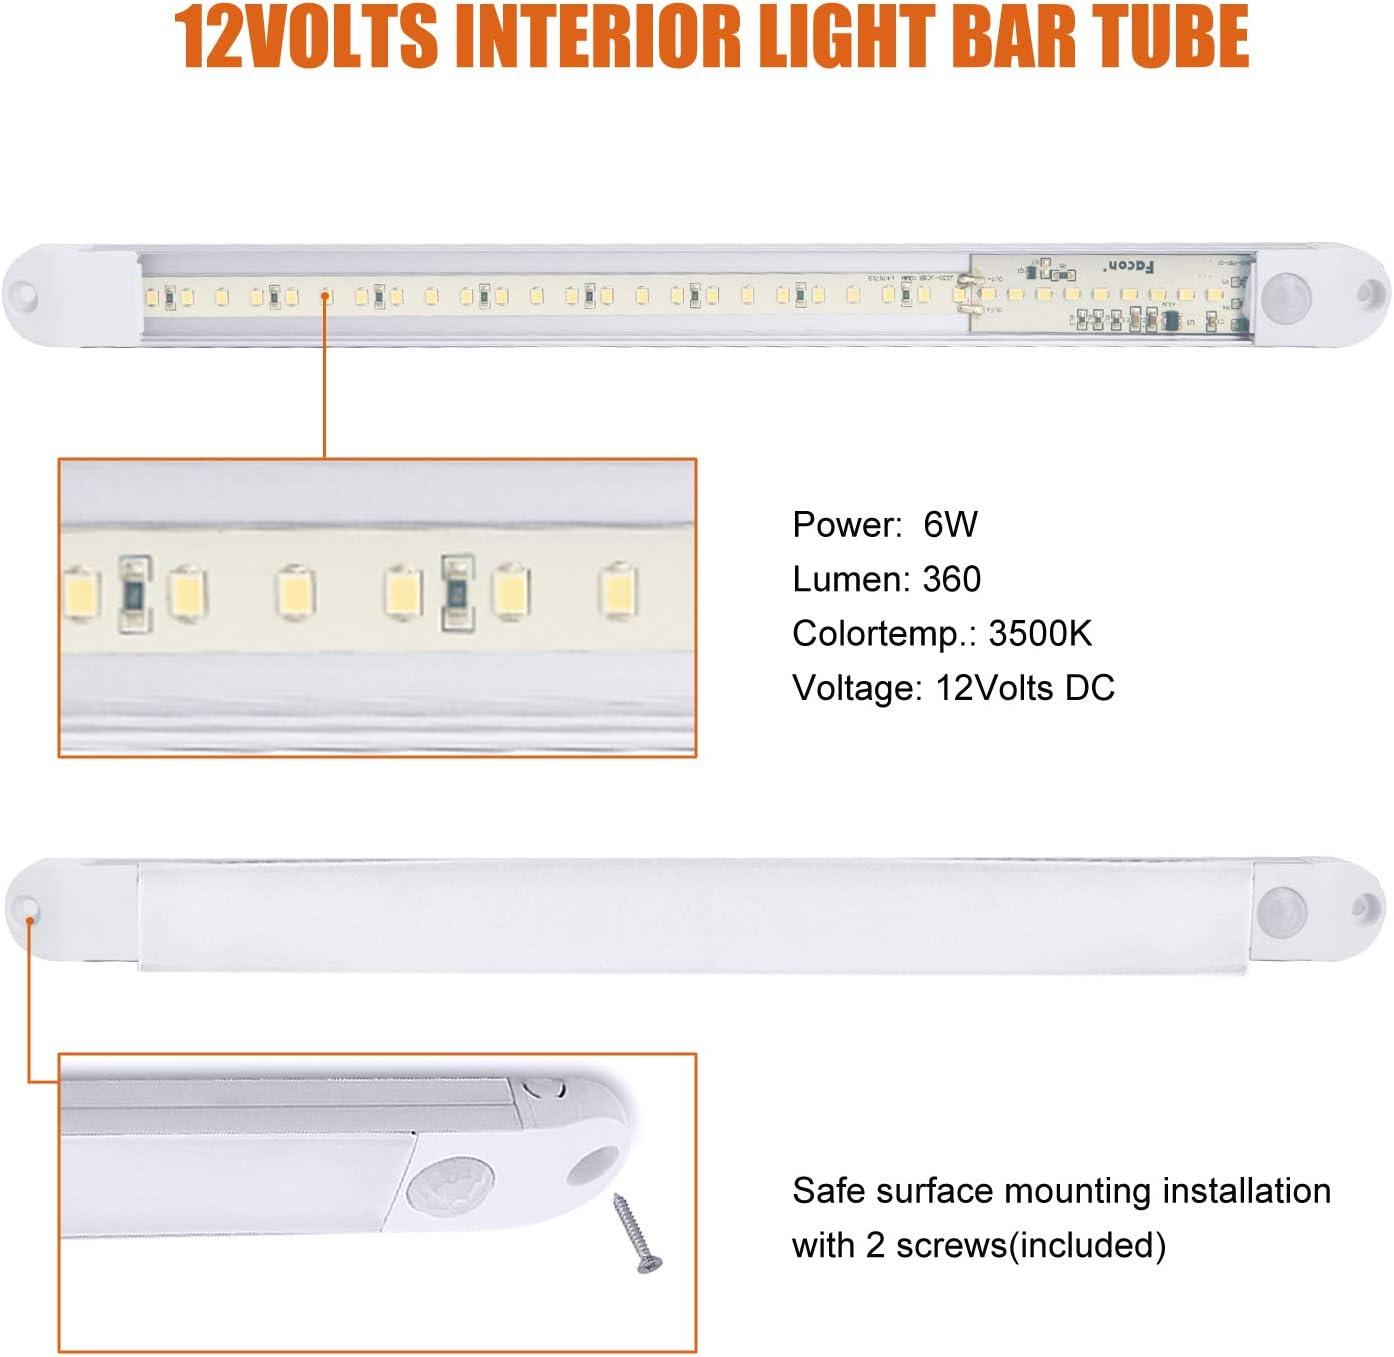 Facon Innenleuchten 12V LED Starre Lichtleiste Schrankbeleuchtung Super Slim Wandleuchten mit PIR Sensor f/ür Reisemobil Wohnwagen und Boot